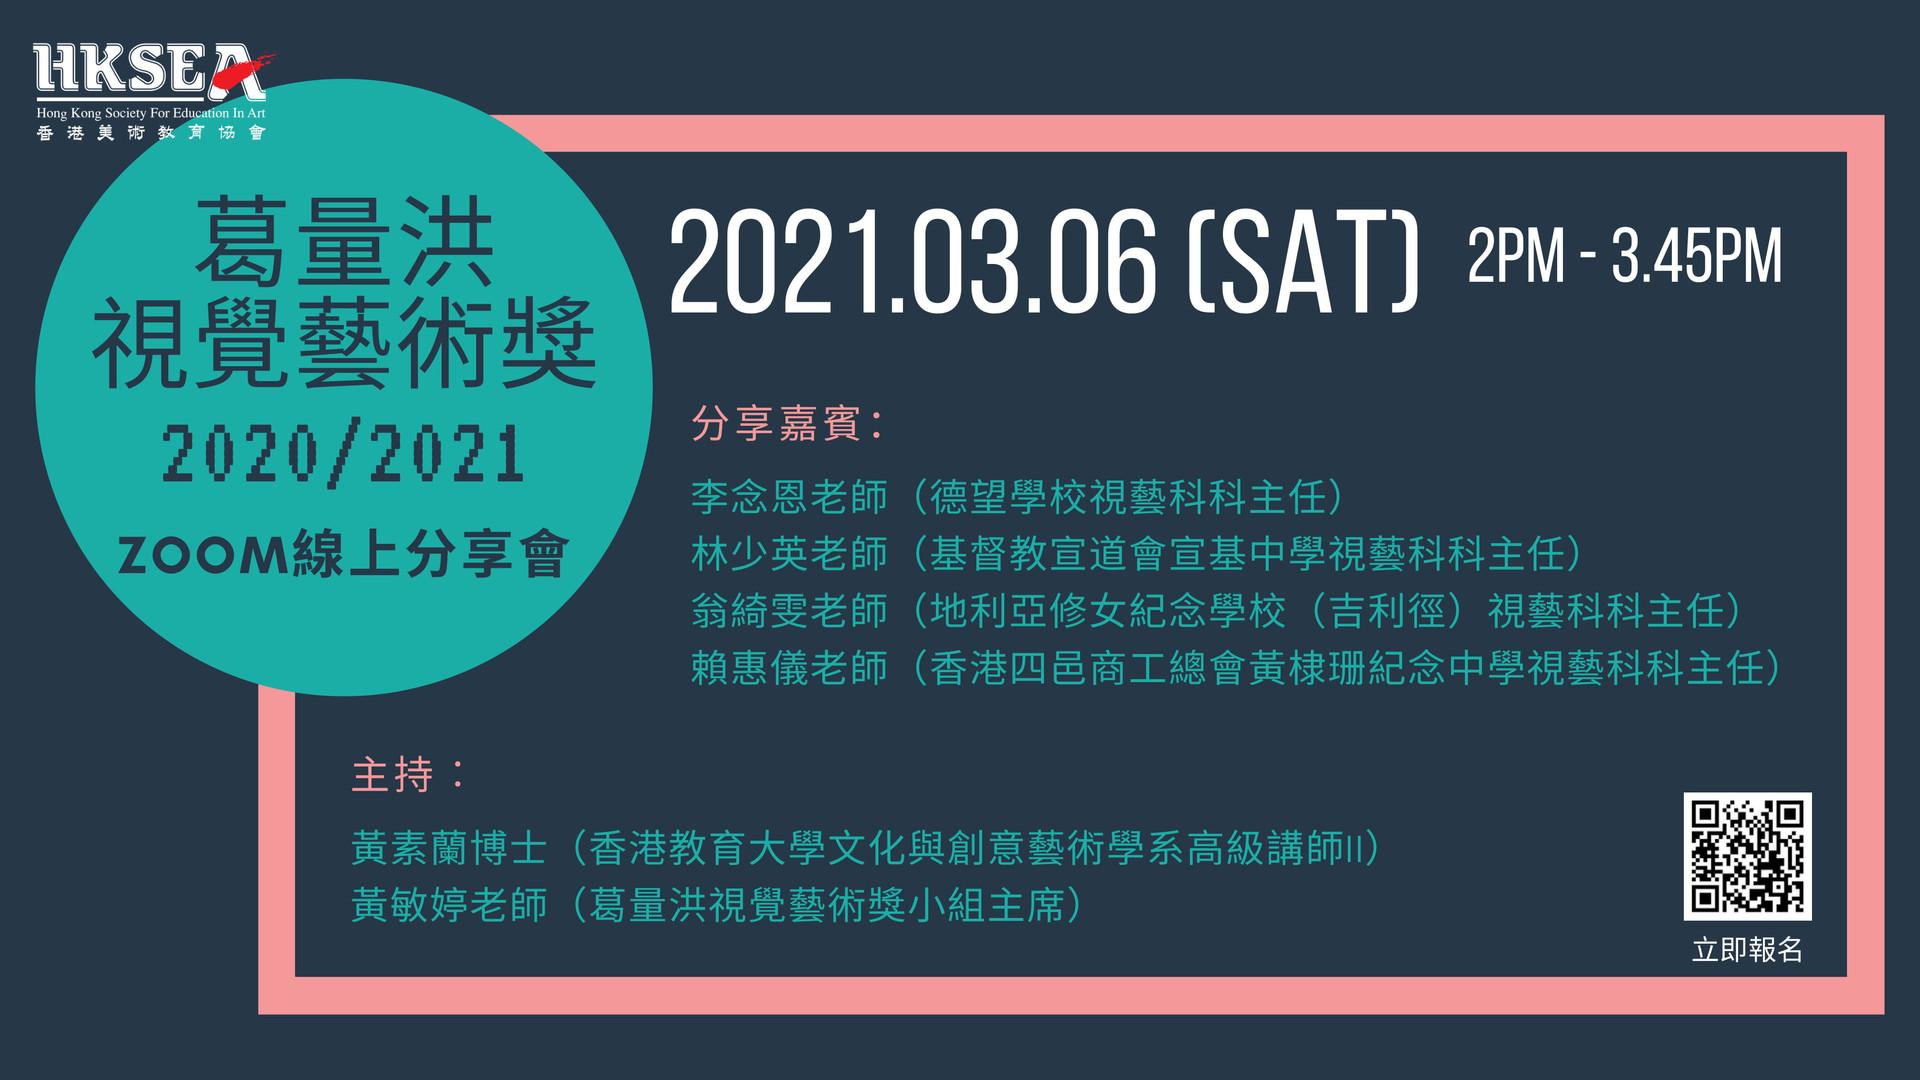 葛量洪2020_2021 (1)-1.jpg